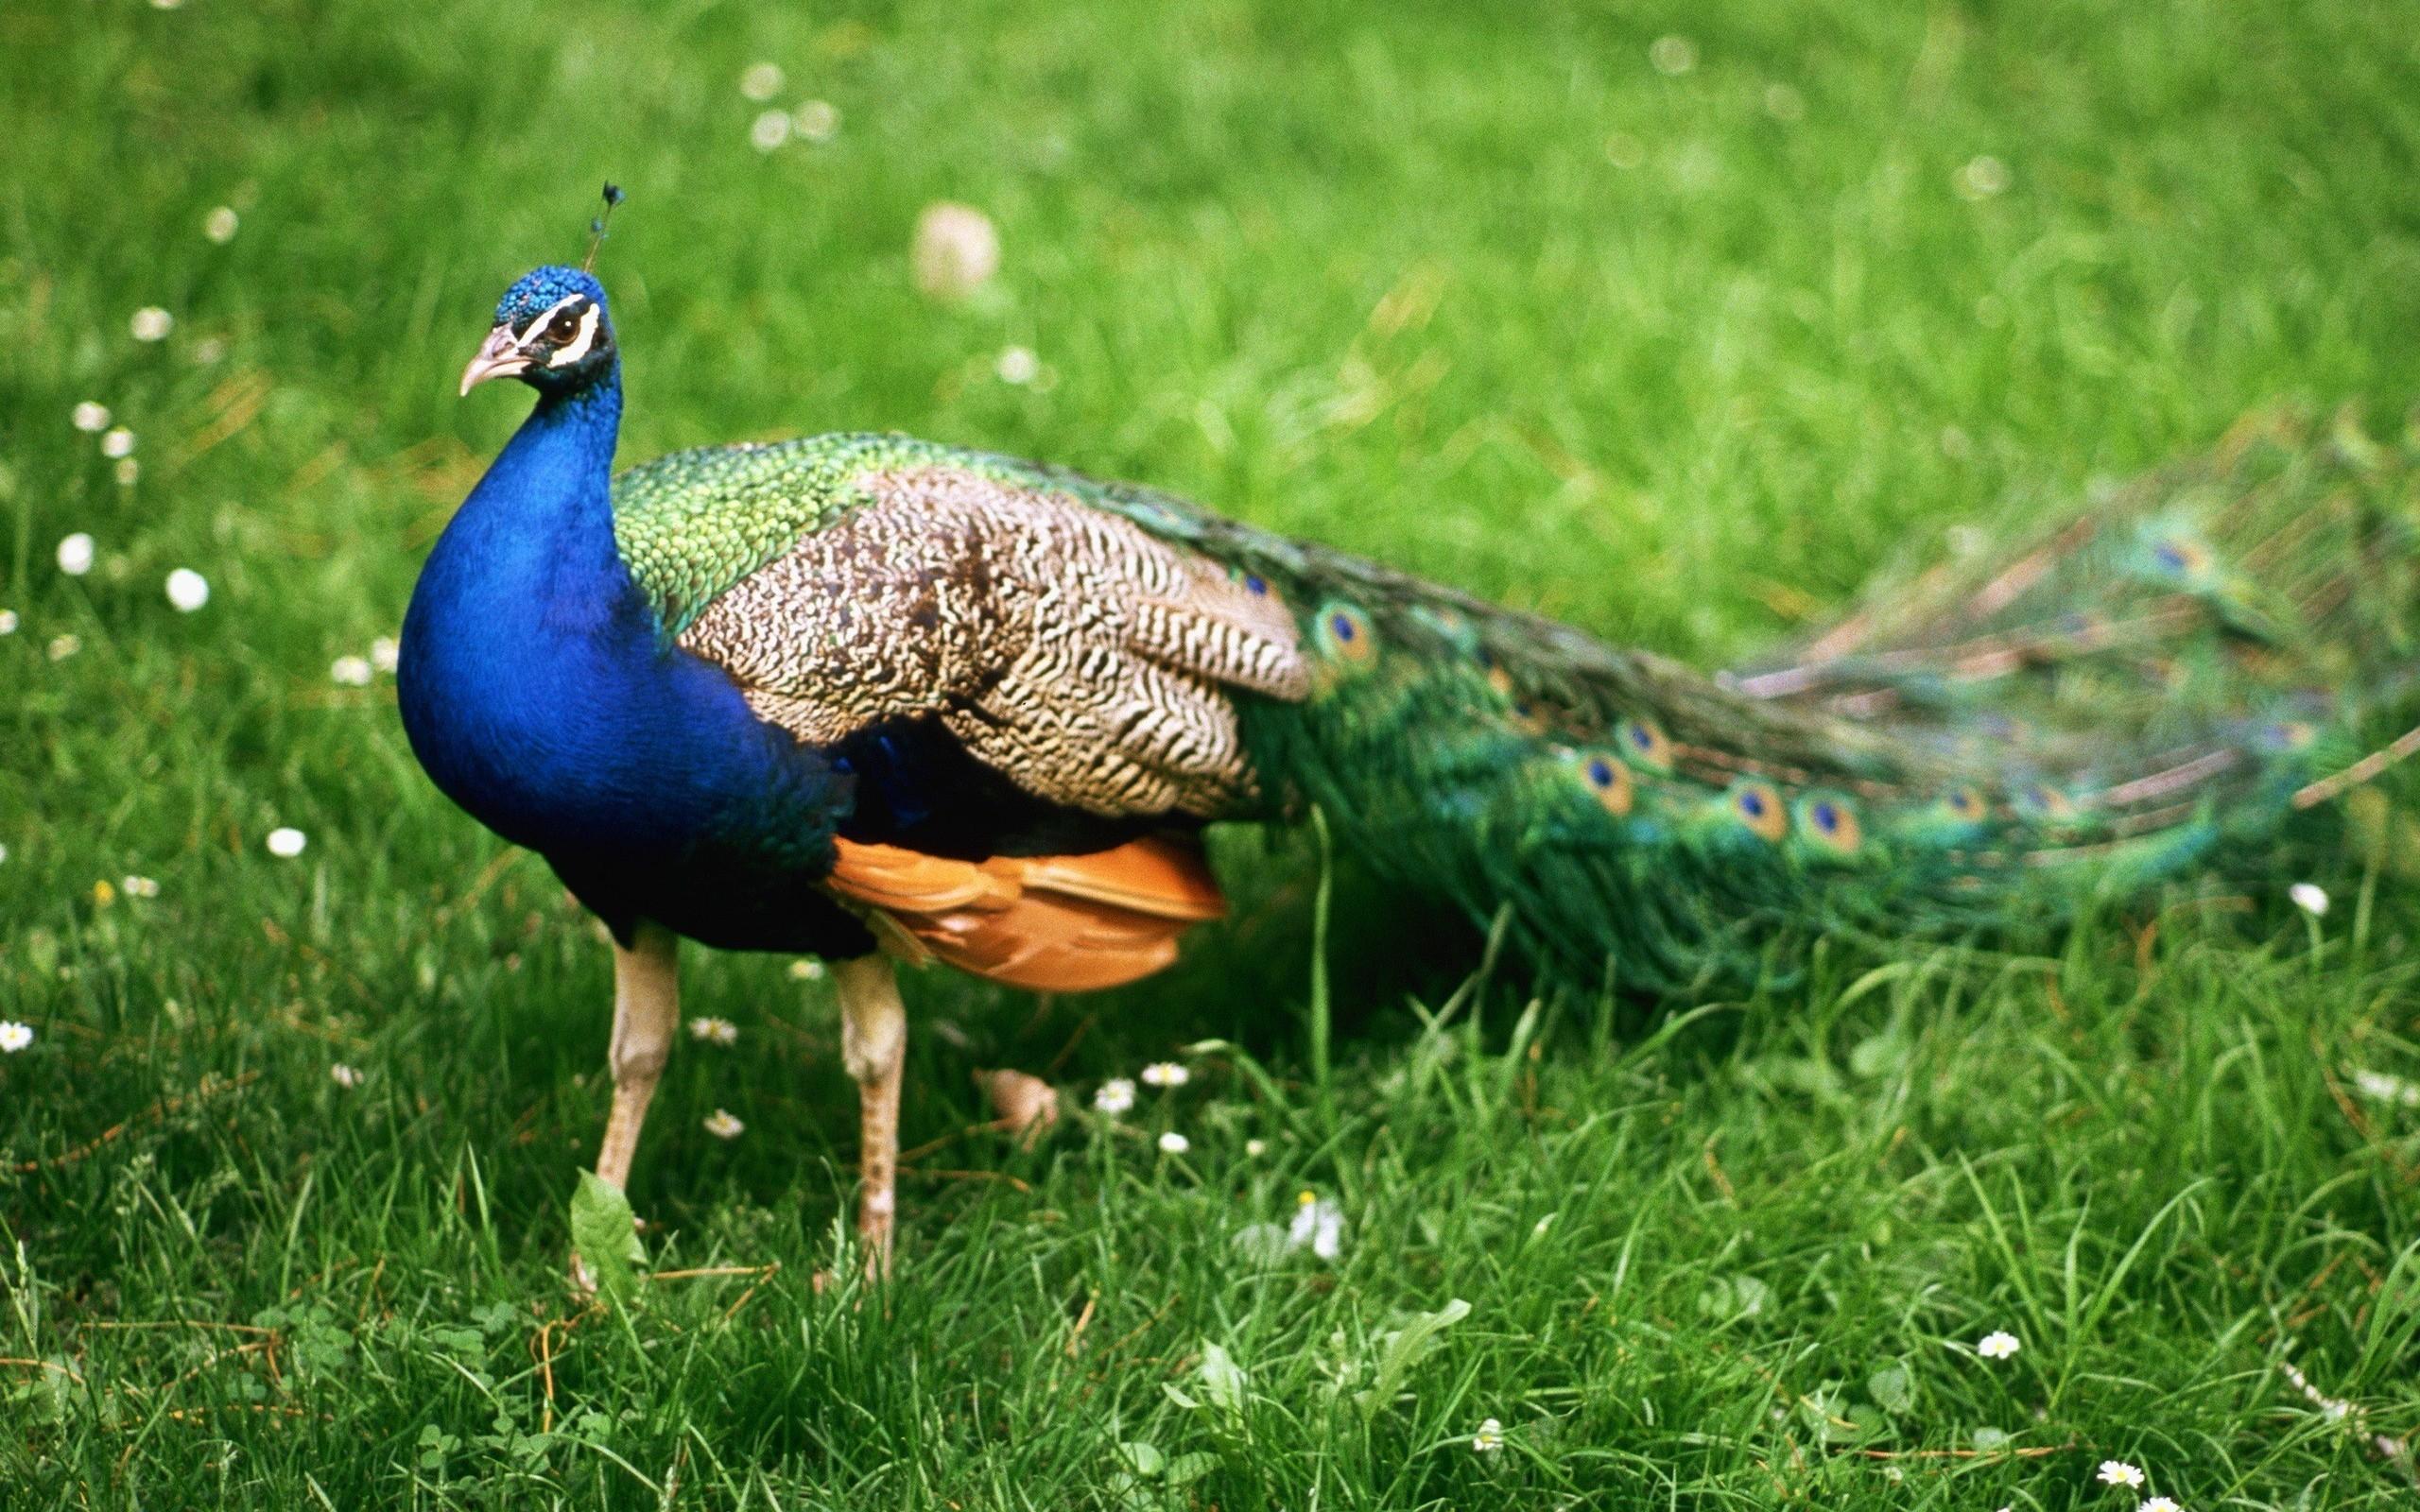 Tải ảnh chim công đẹp thế giới